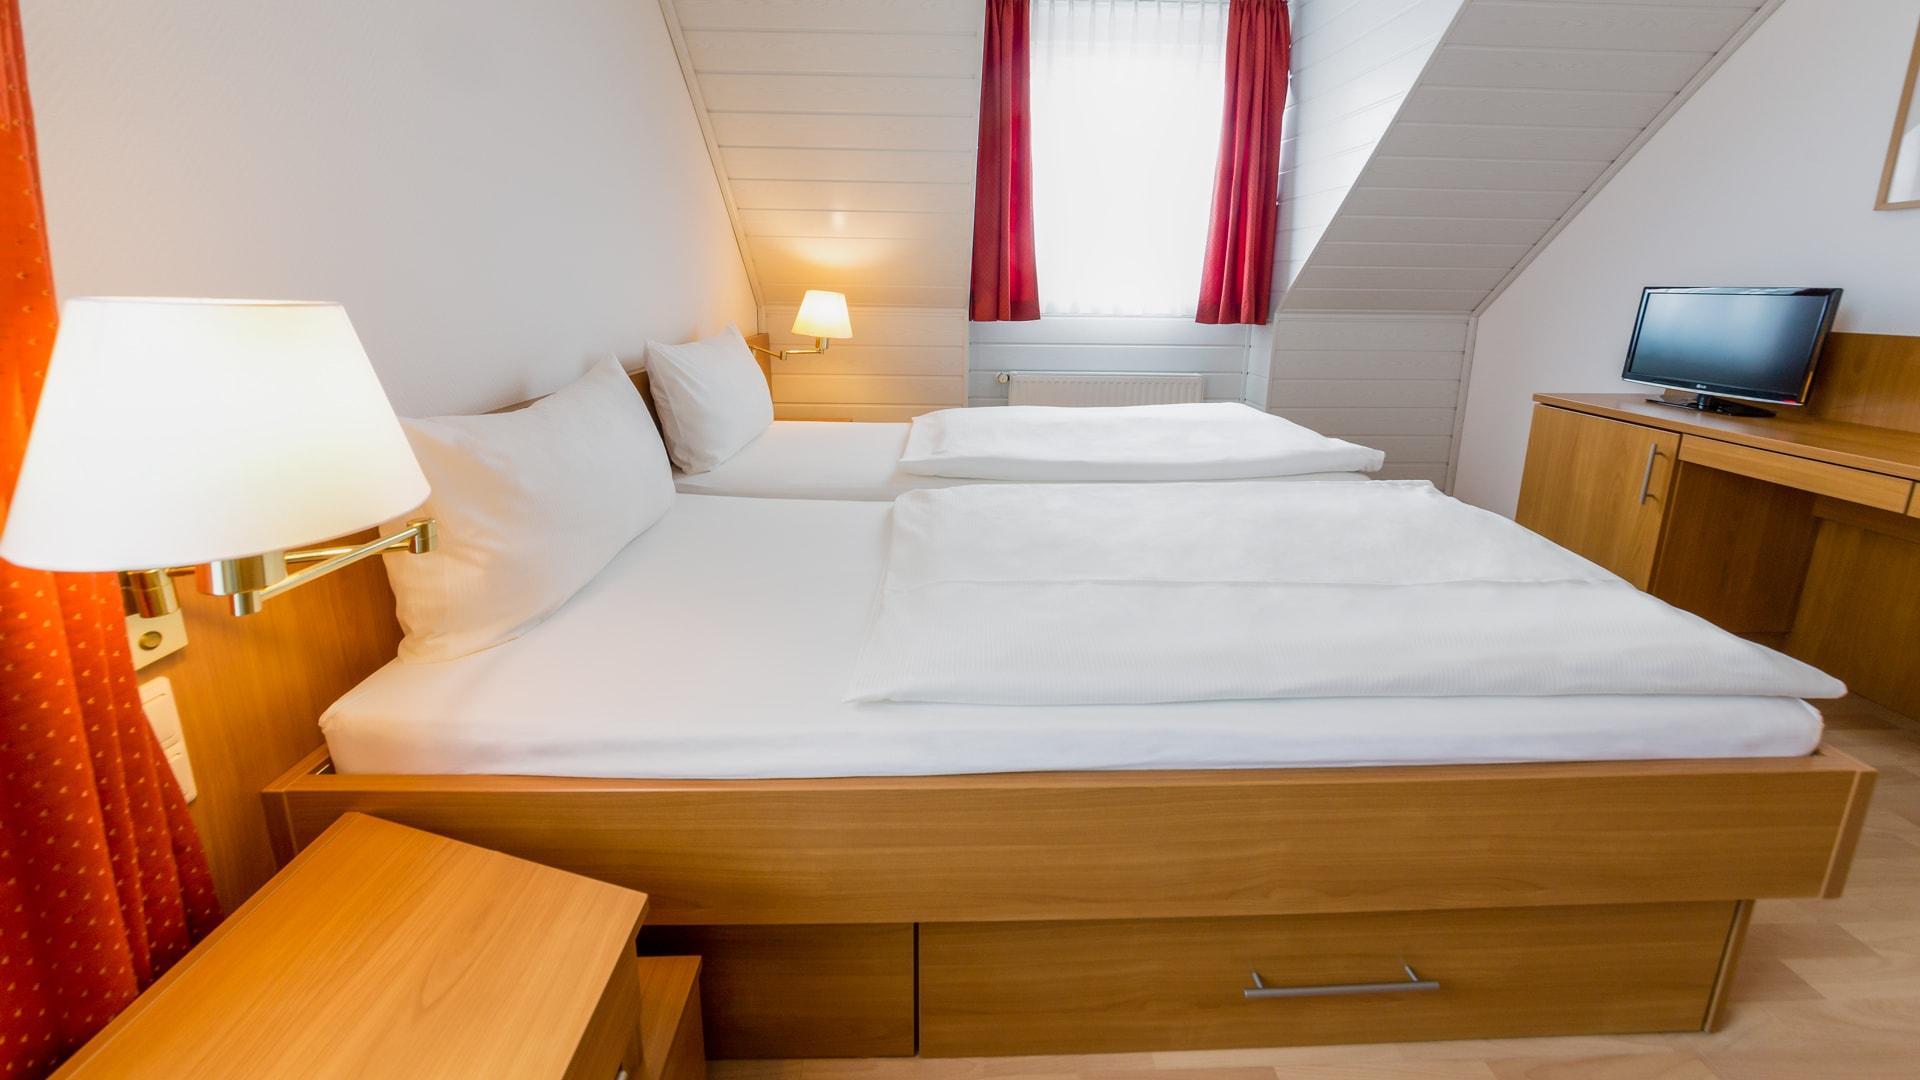 19 Michels_Hotels_Suedwesthoern_2Raum_Ferienwohnung_Schlafzimmer_Doppelbett